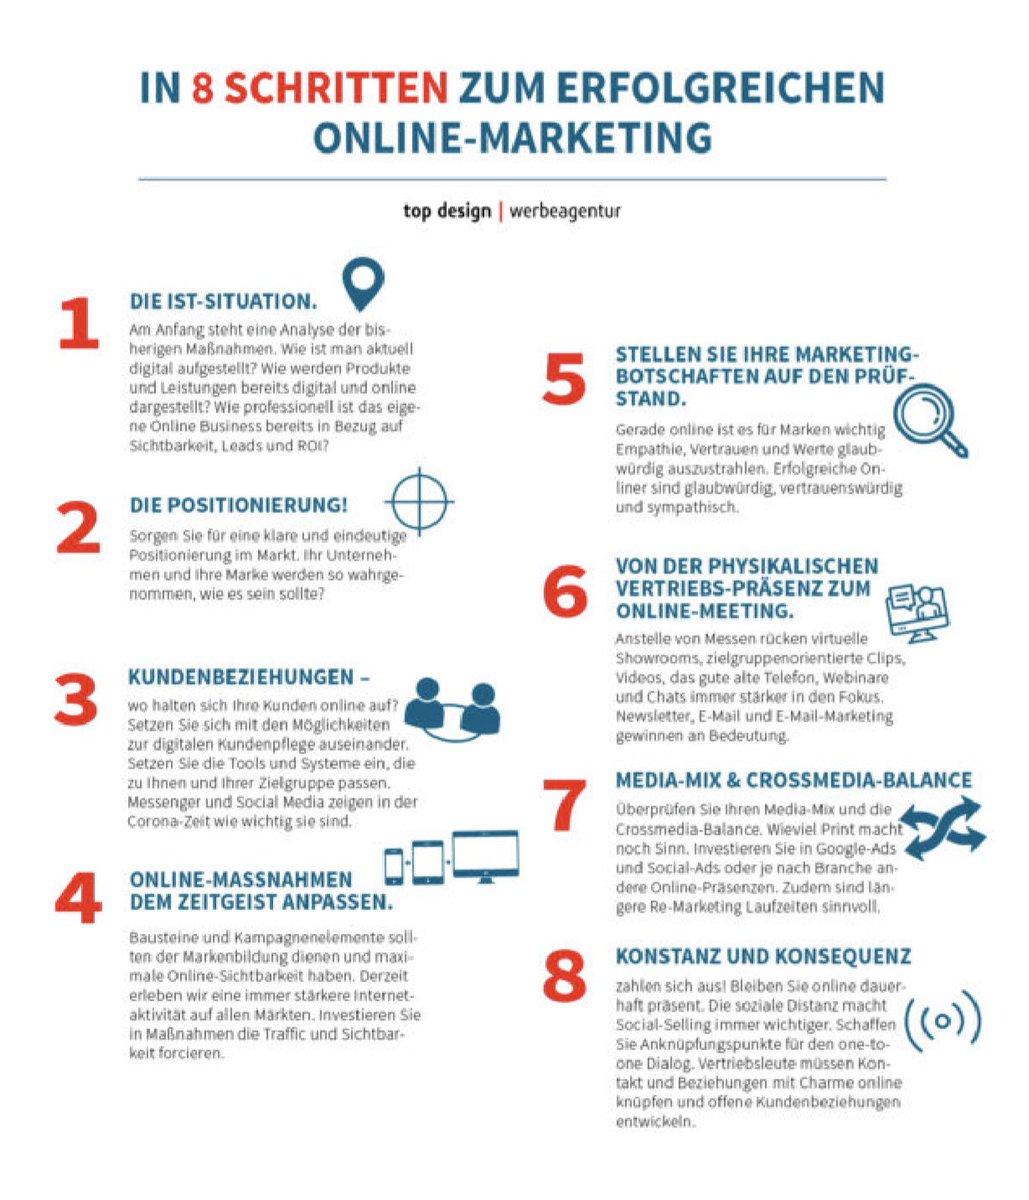 Wilder Aktionismus ist bei der Digitalisierung rund um #Kommunikation, #Marketing und #Vetrieb keine Lösung. Als Spezial #Werbeagentur für Mittelständler haben wir einen 8-Schritte Plan erstellt - step-by-step gehts auch.